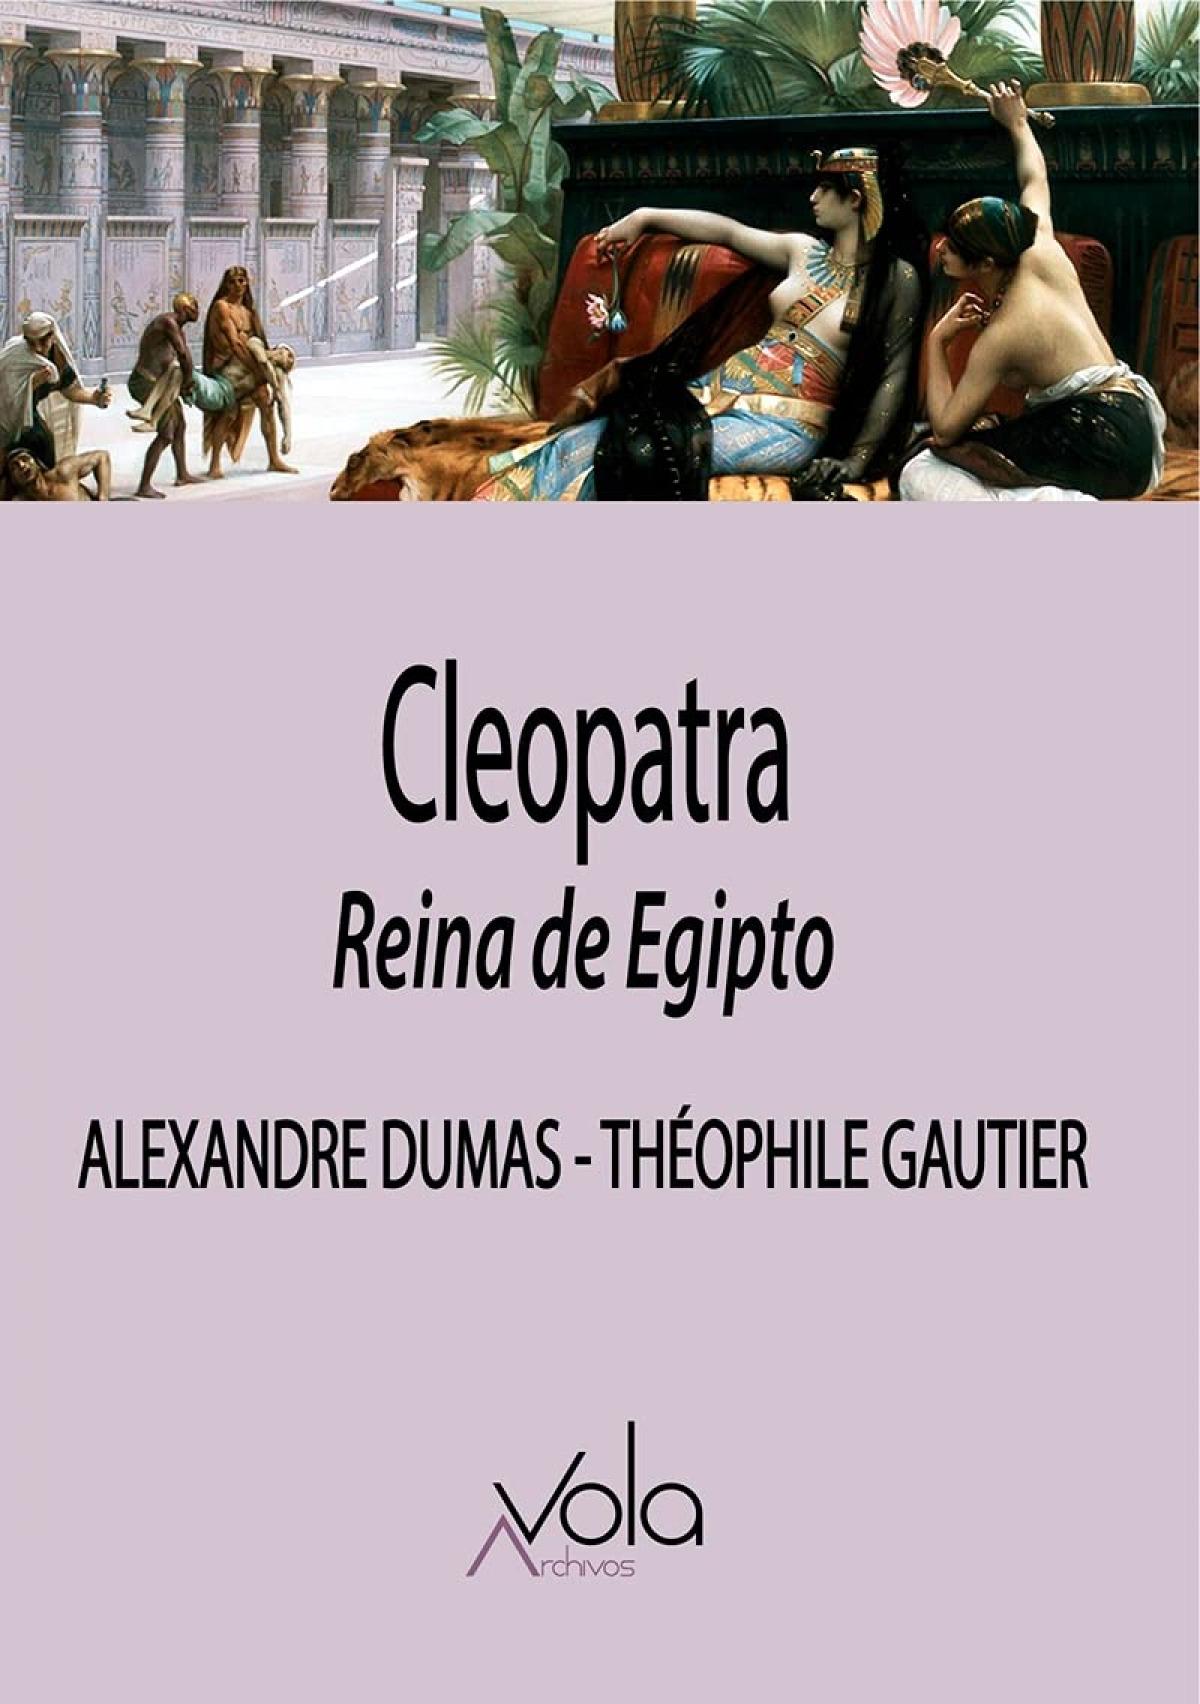 Cleopatra, reina de Egipto